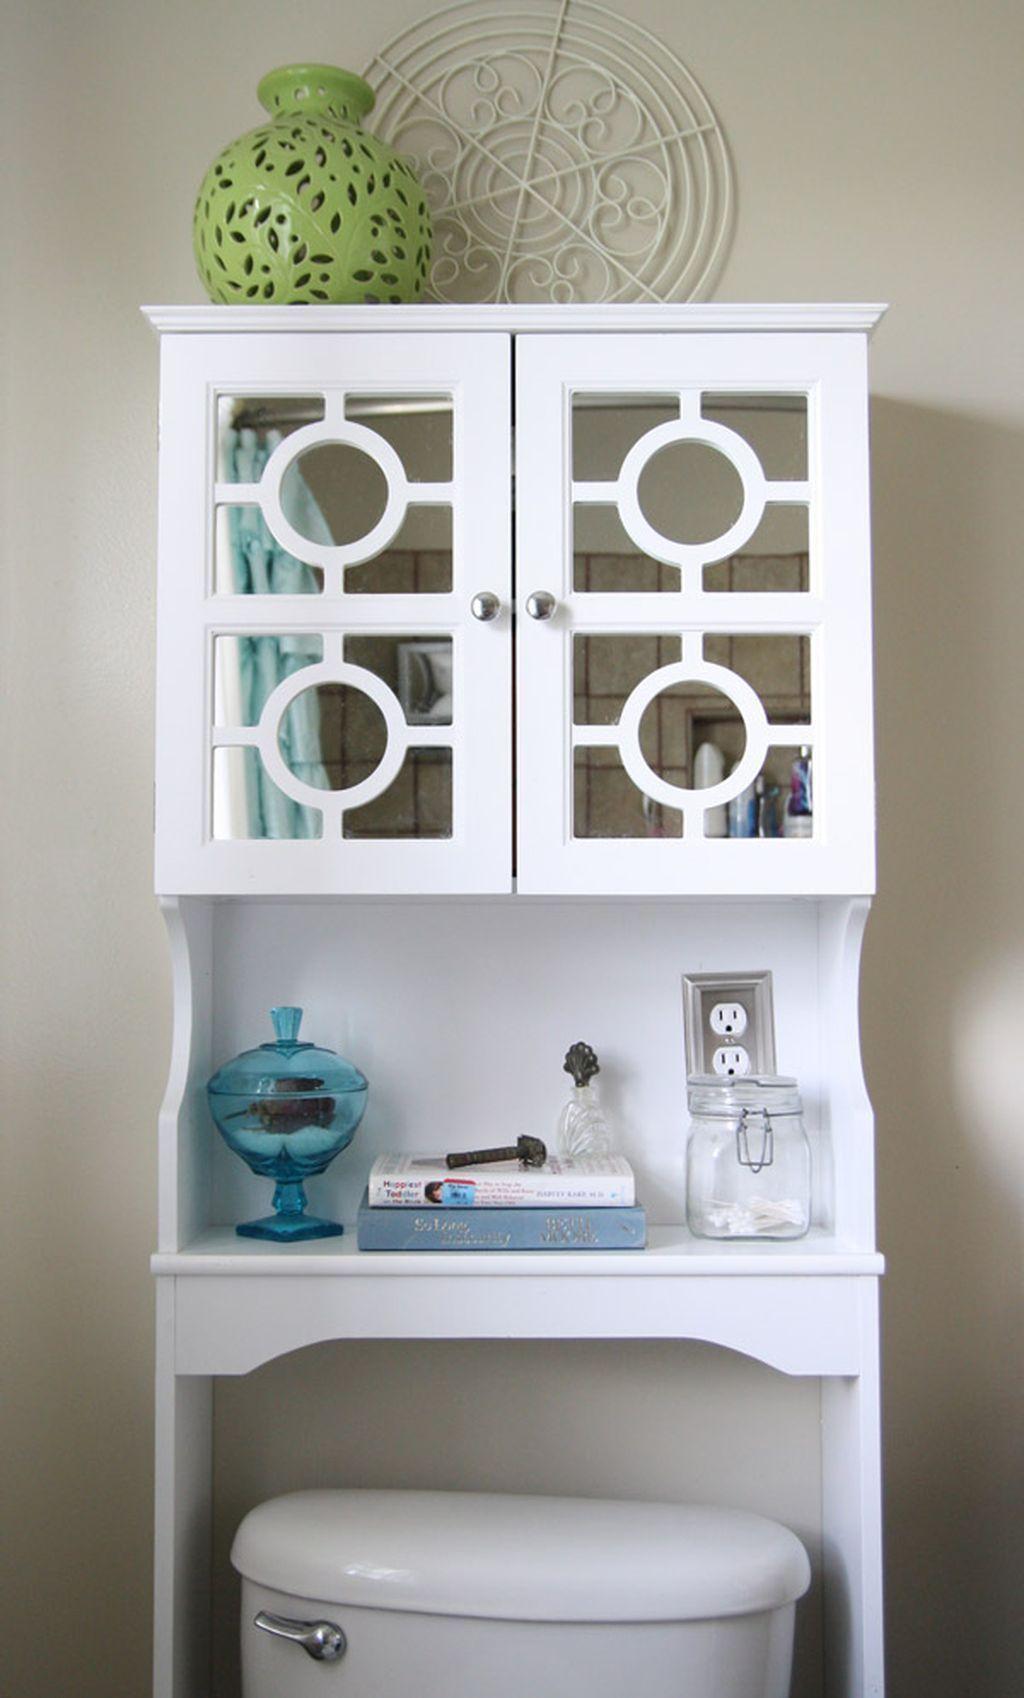 Inspiring DIY Small Bathroom Organization and Storage Ideas (54 ...